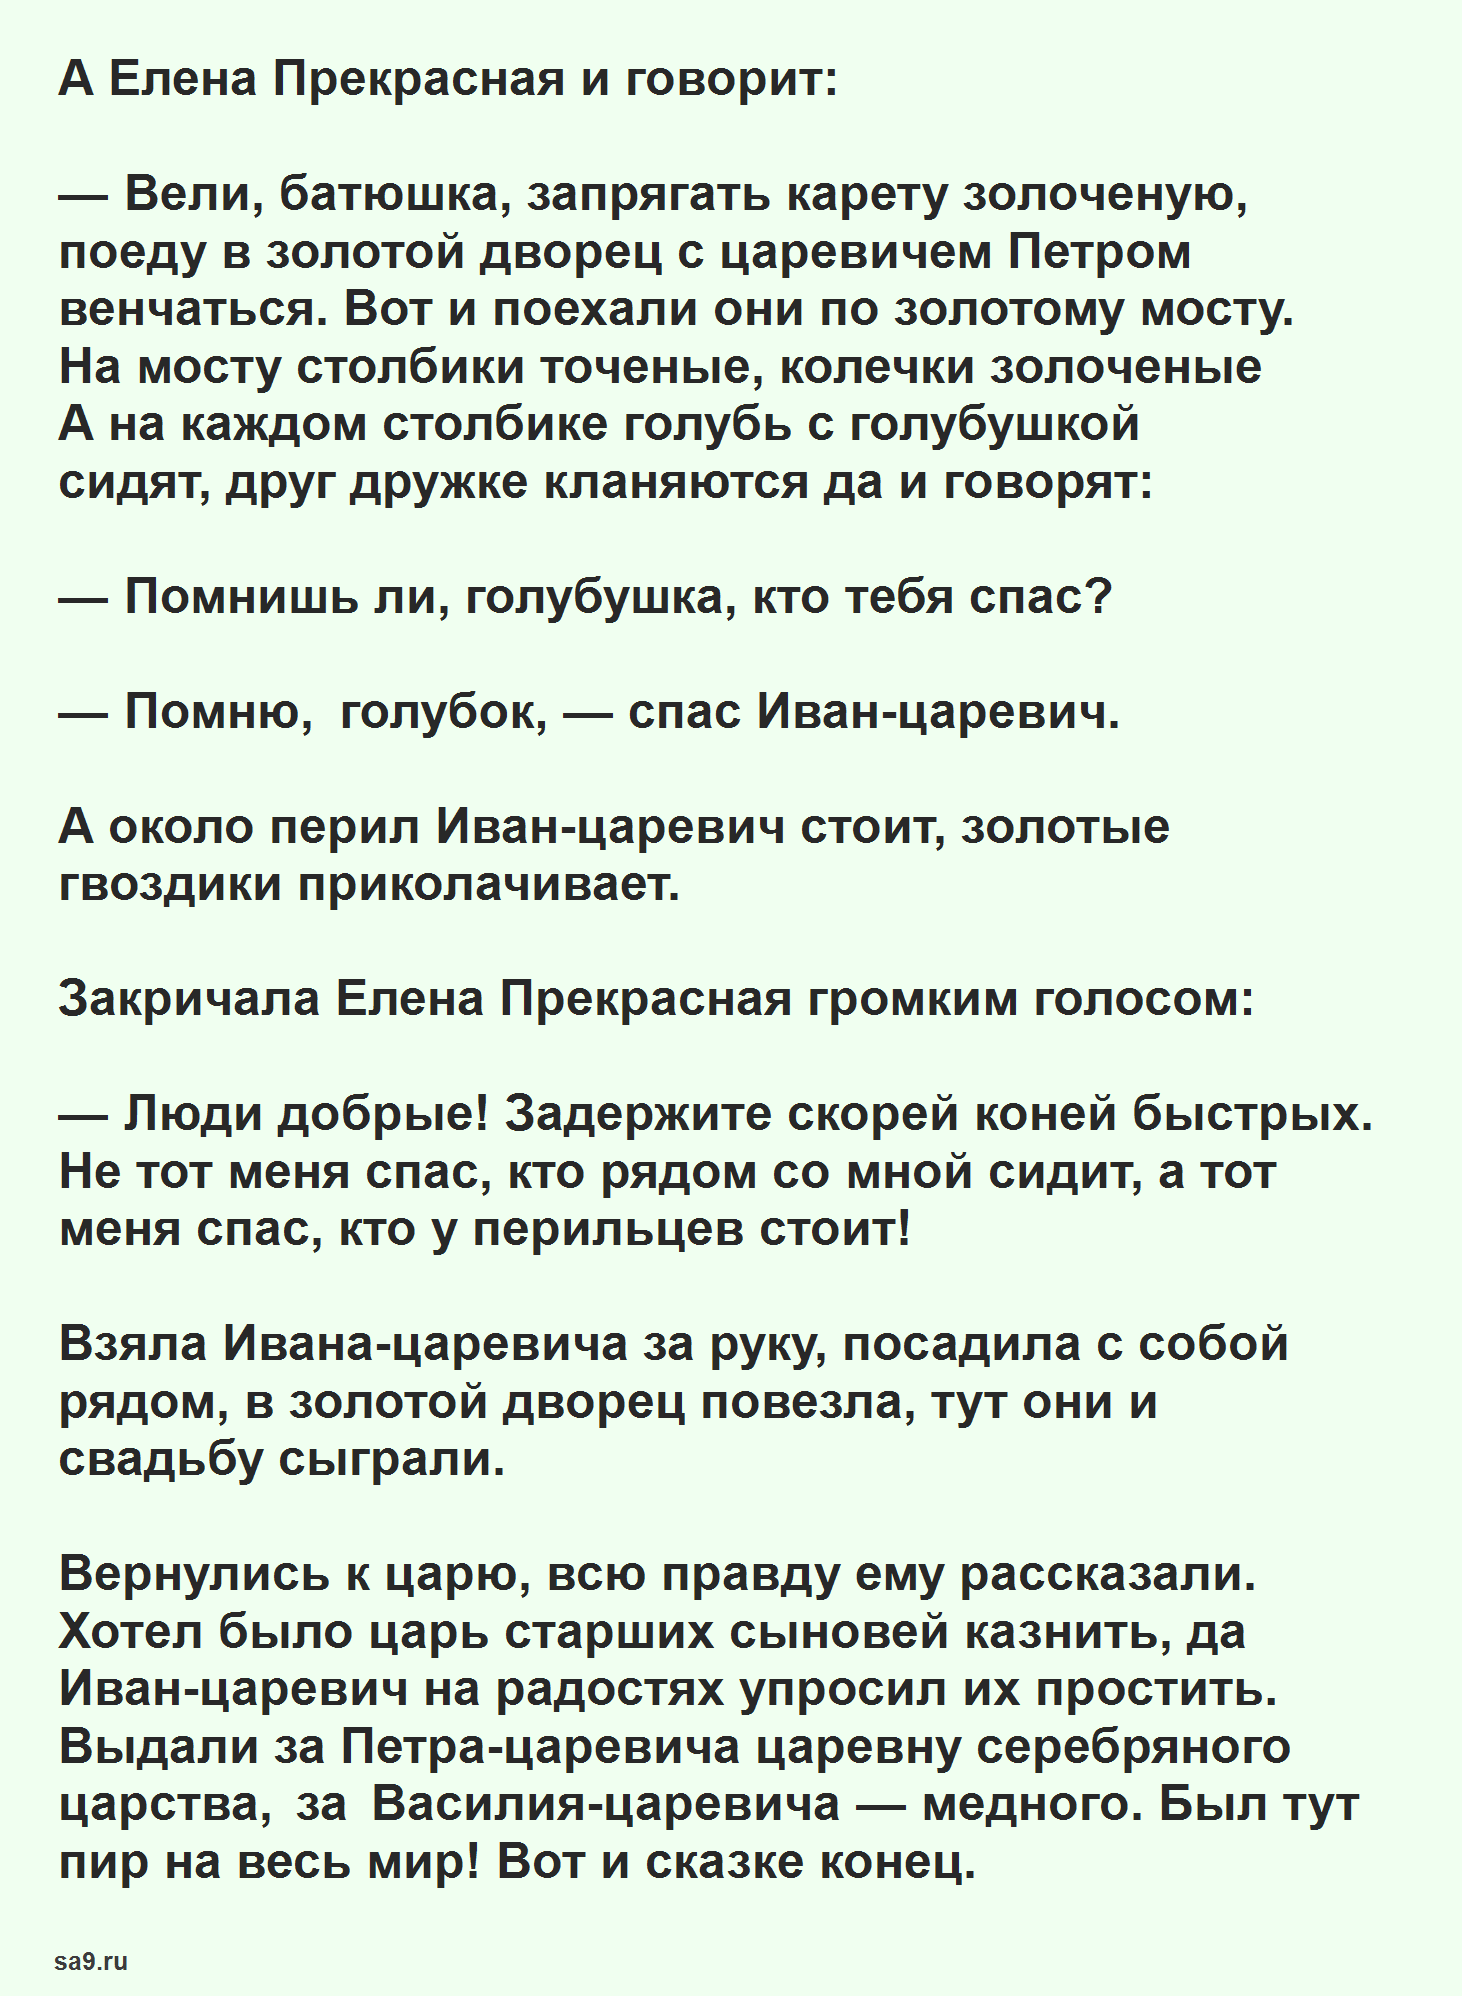 Русская народная сказка - Медное, серебряное, золотое царство, читать онлайн бесплатно